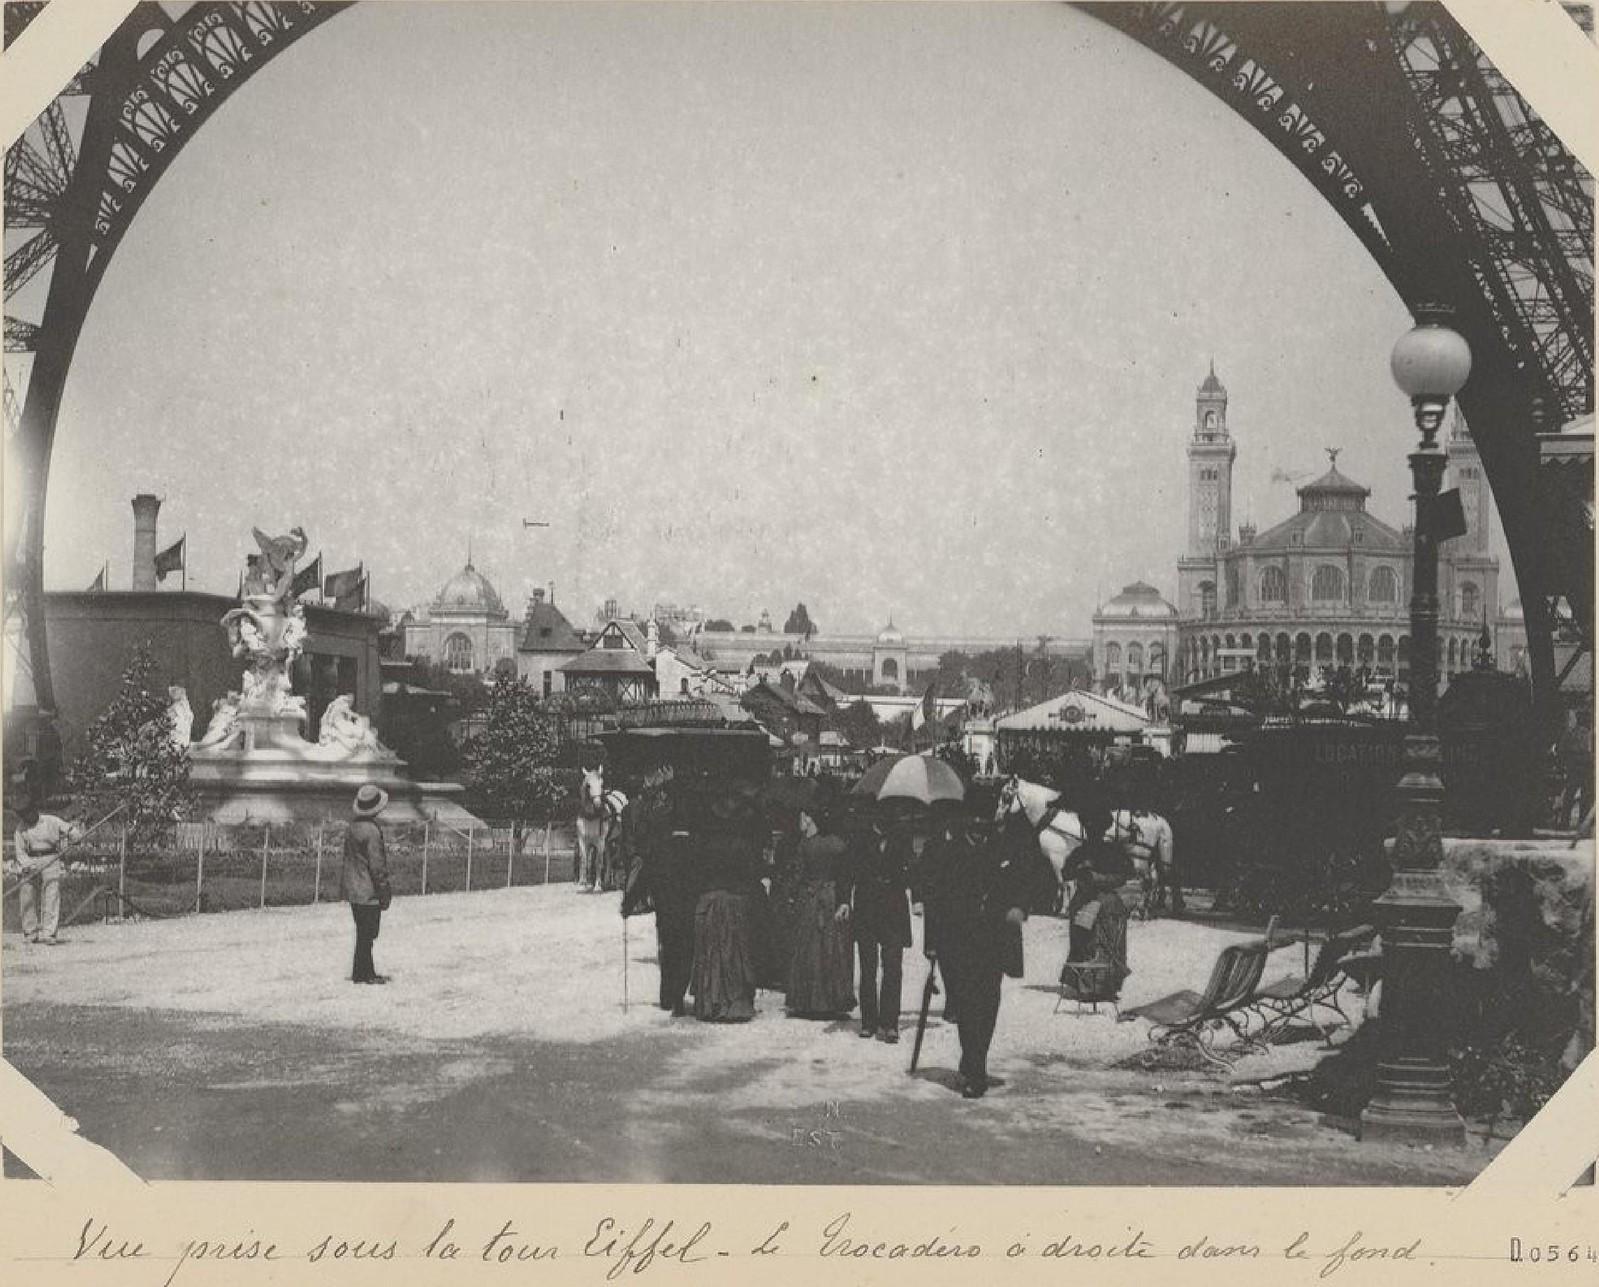 12. 1889.  Вид под Эйфелевой башней. Трокадеро справа на заднем плане